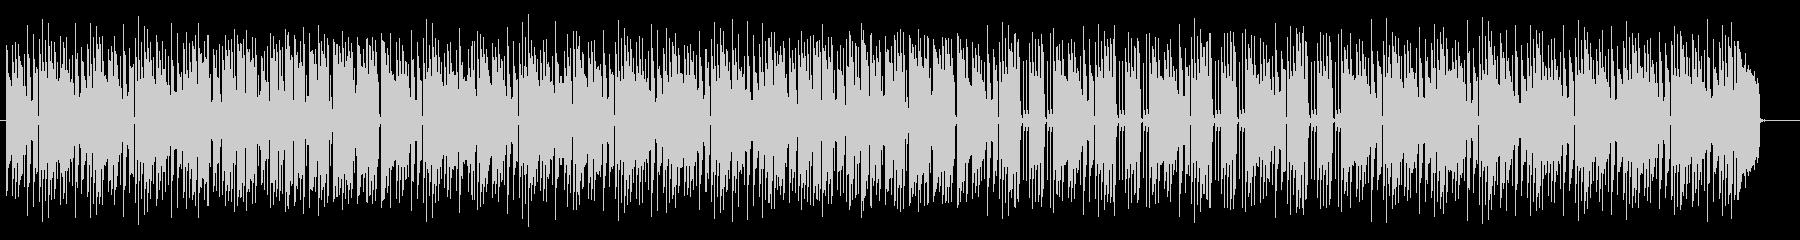 大人な雰囲気のスロージャズバラードの未再生の波形